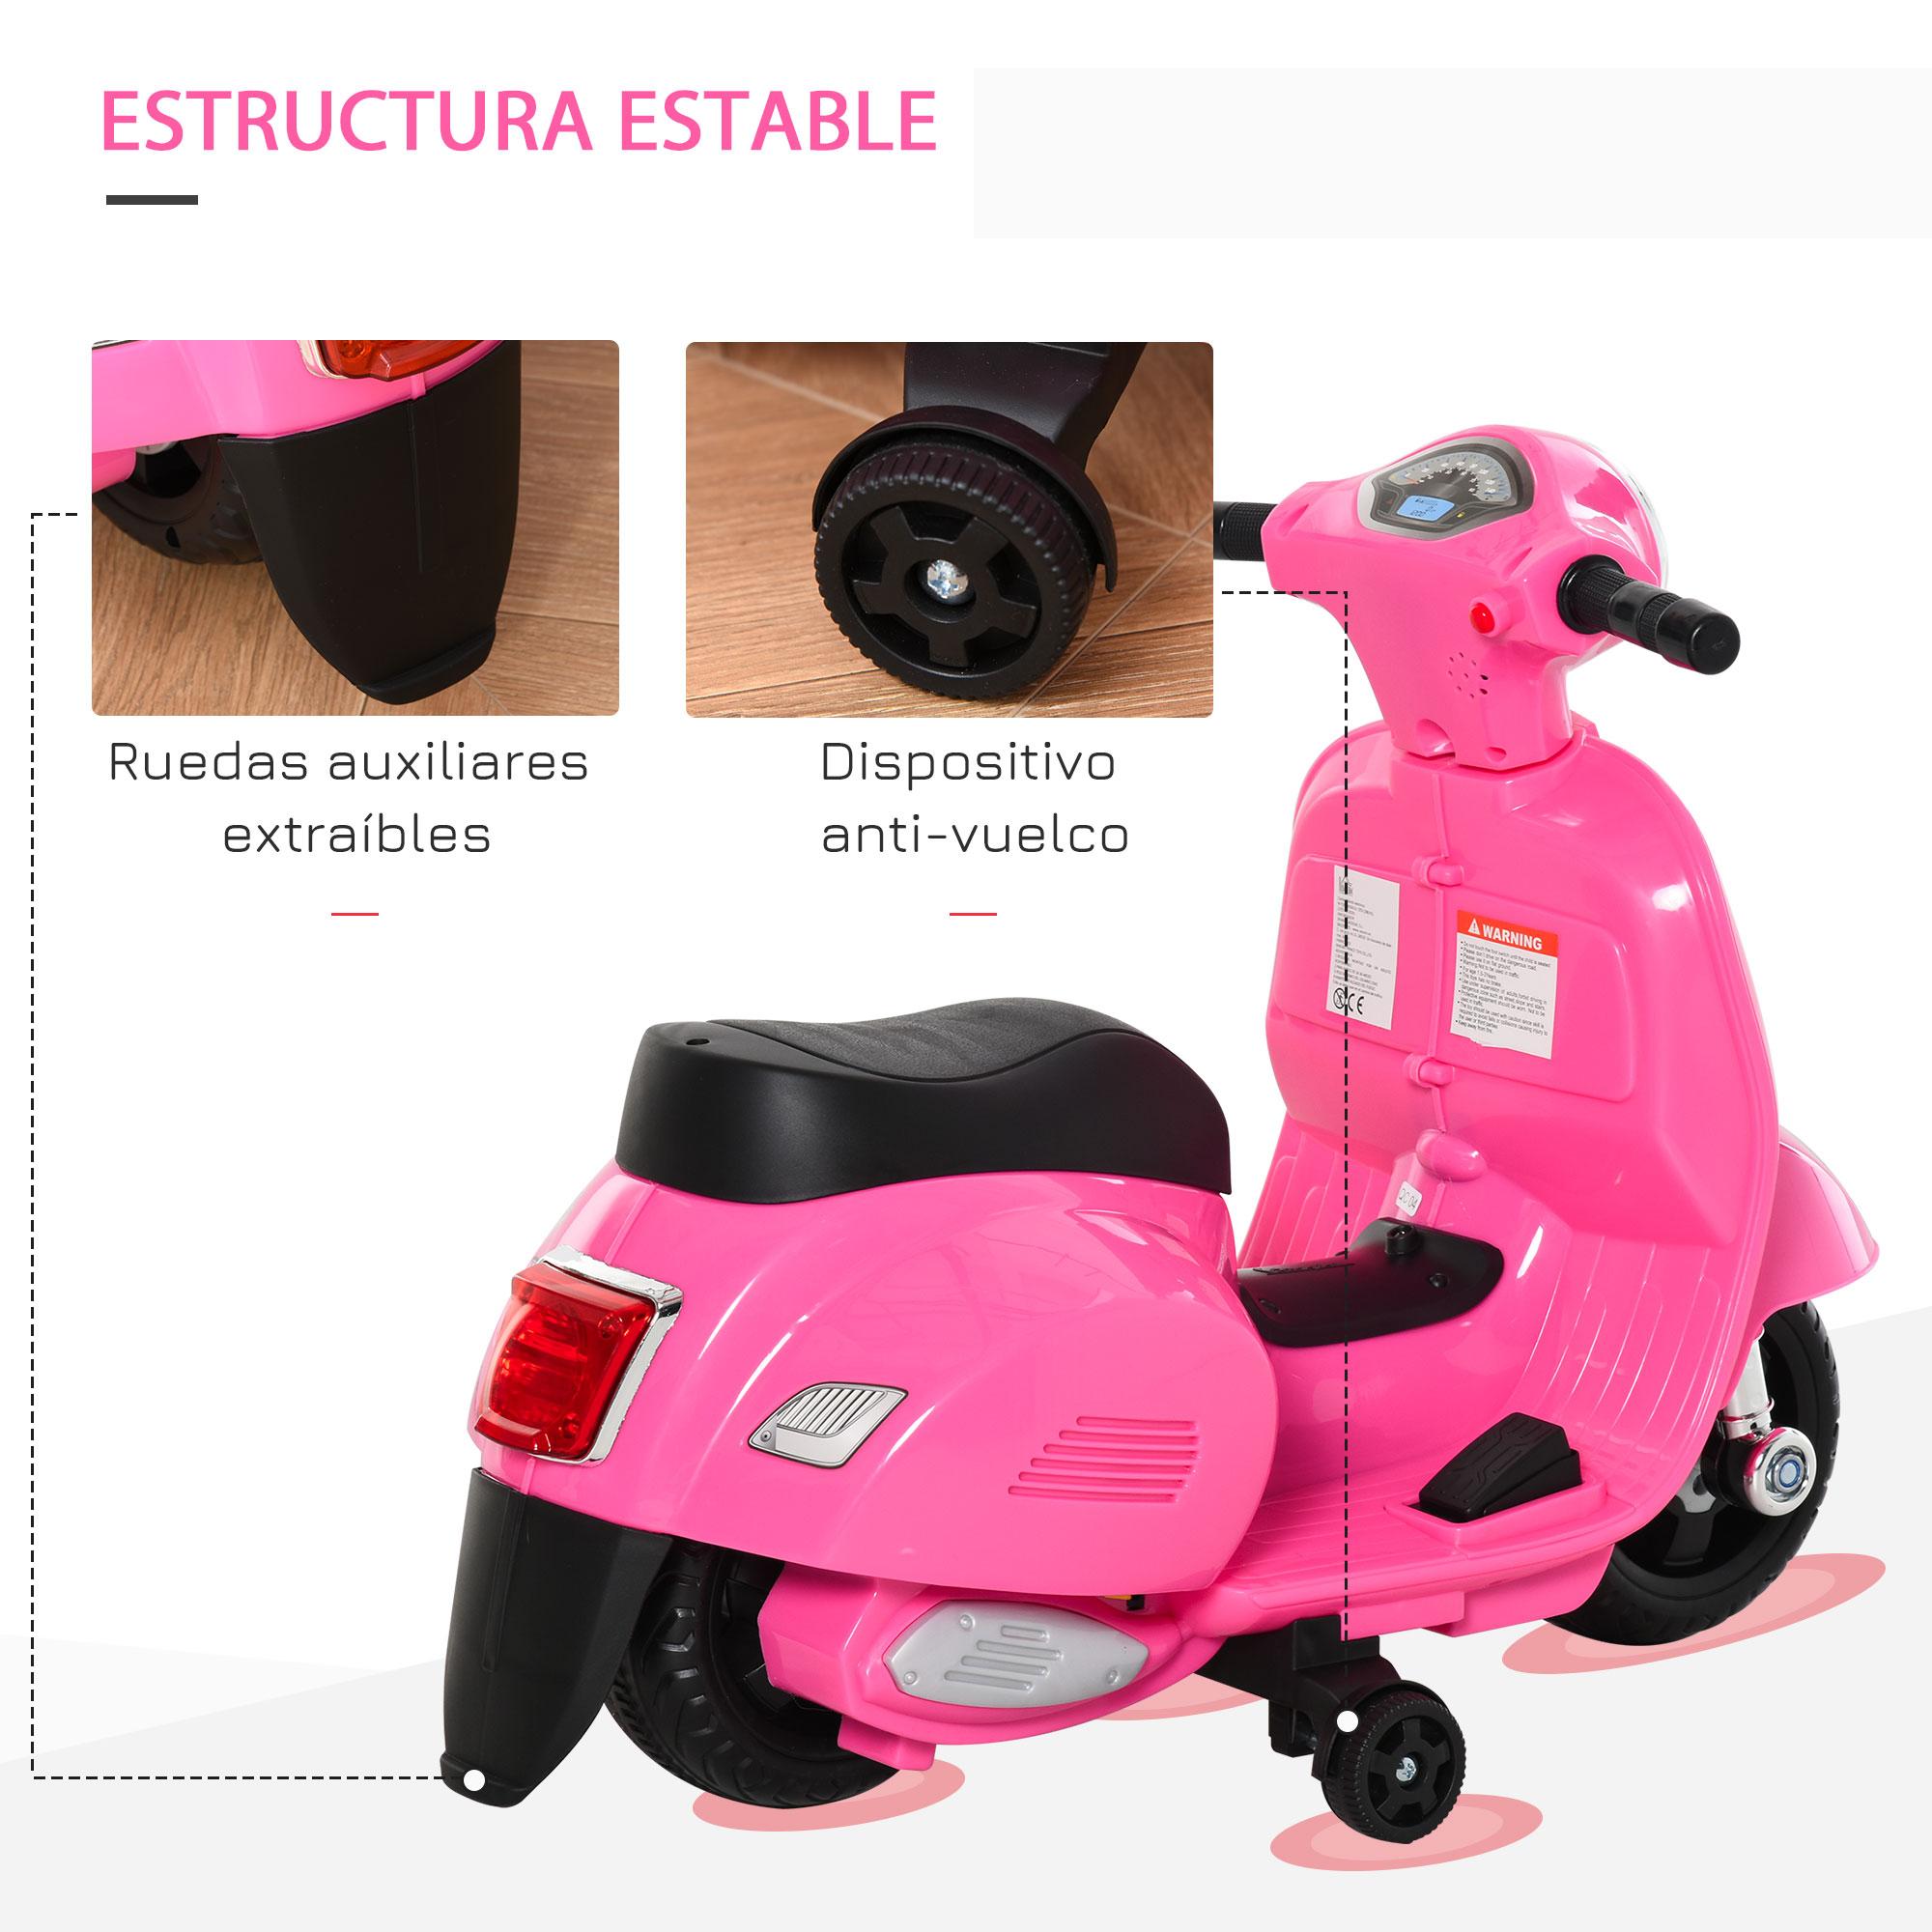 miniatura 11 - Moto Eléctrica Vespa para Niños +18 Meses con Faro Bocina y 4 Ruedas COLOR